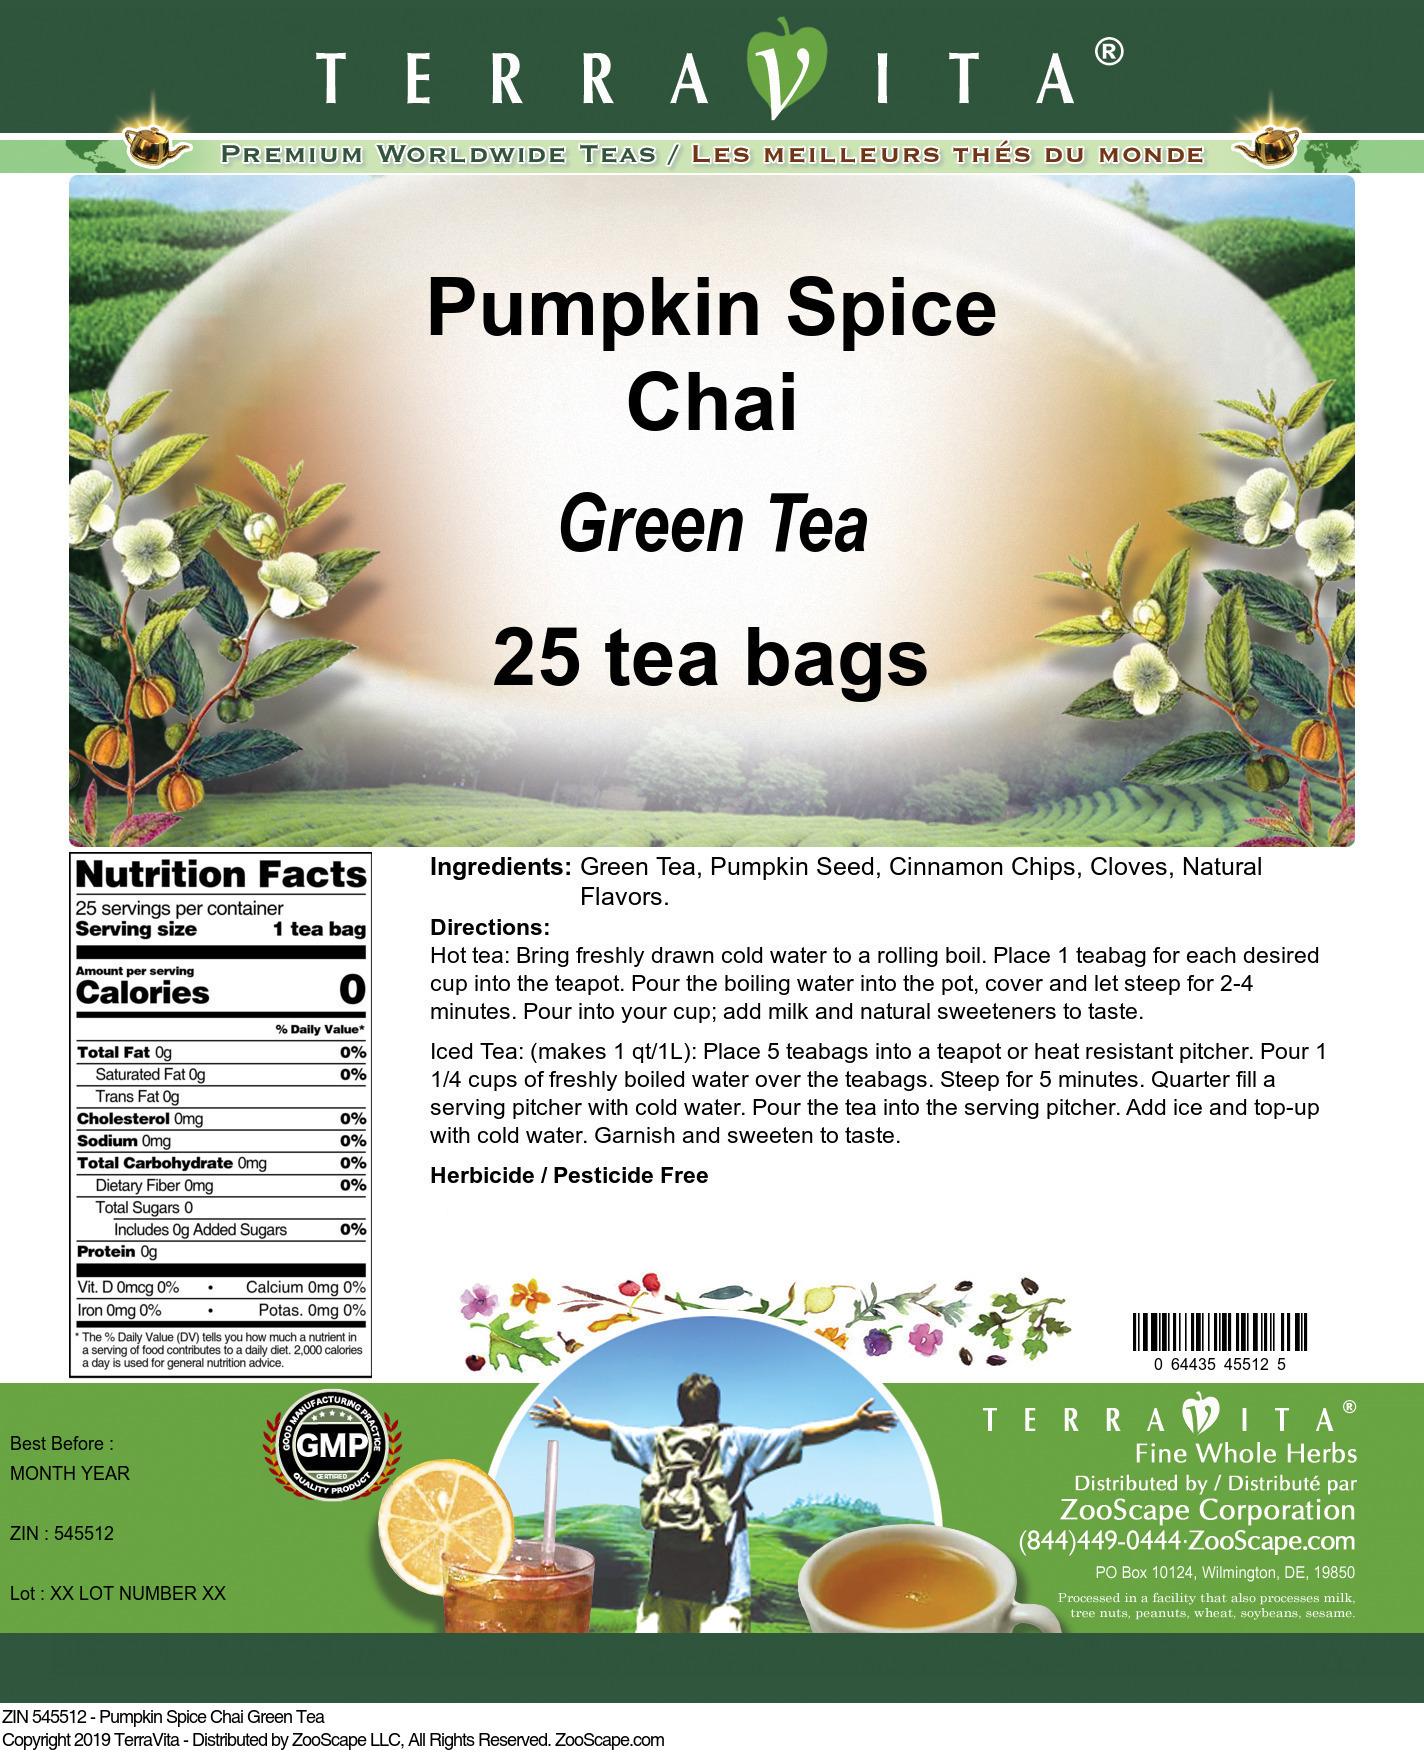 Pumpkin Spice Chai Green Tea